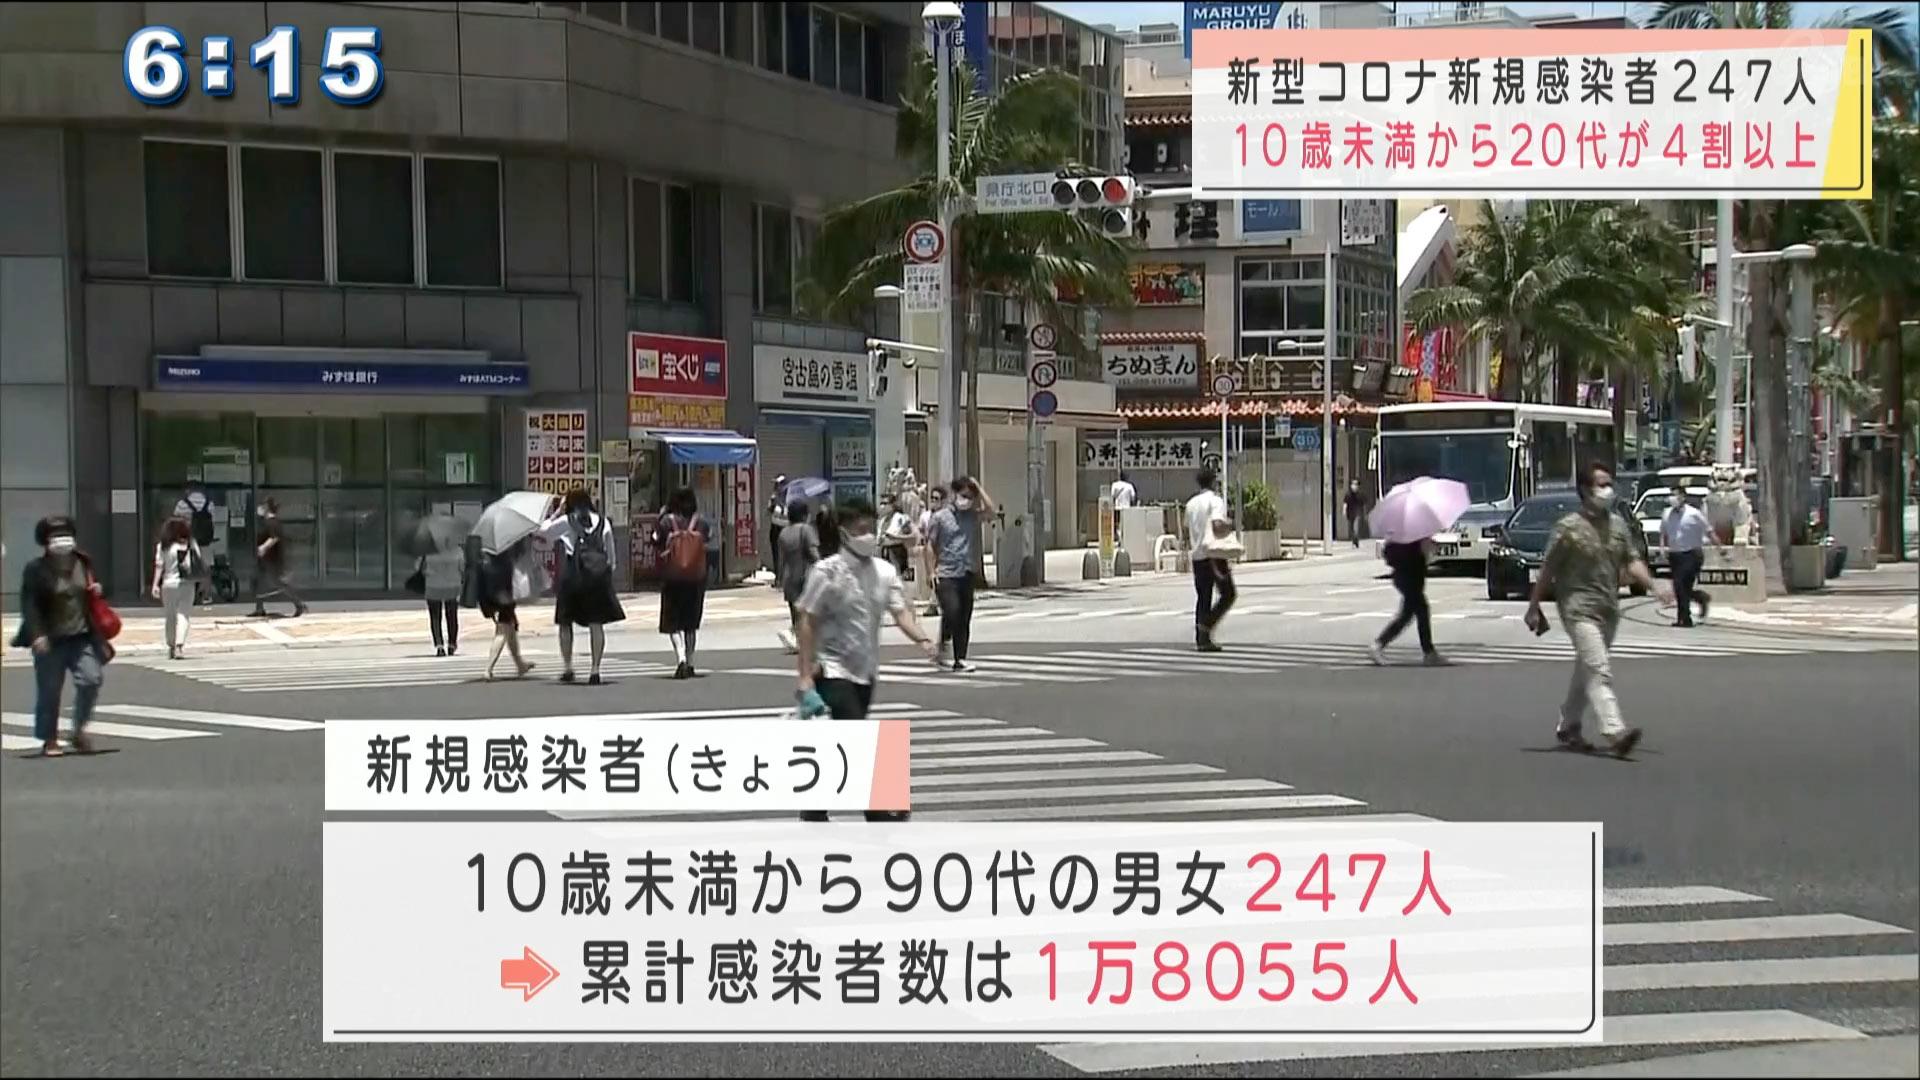 沖縄の新型コロナ 新たに247人感染 20代以下で4割占める